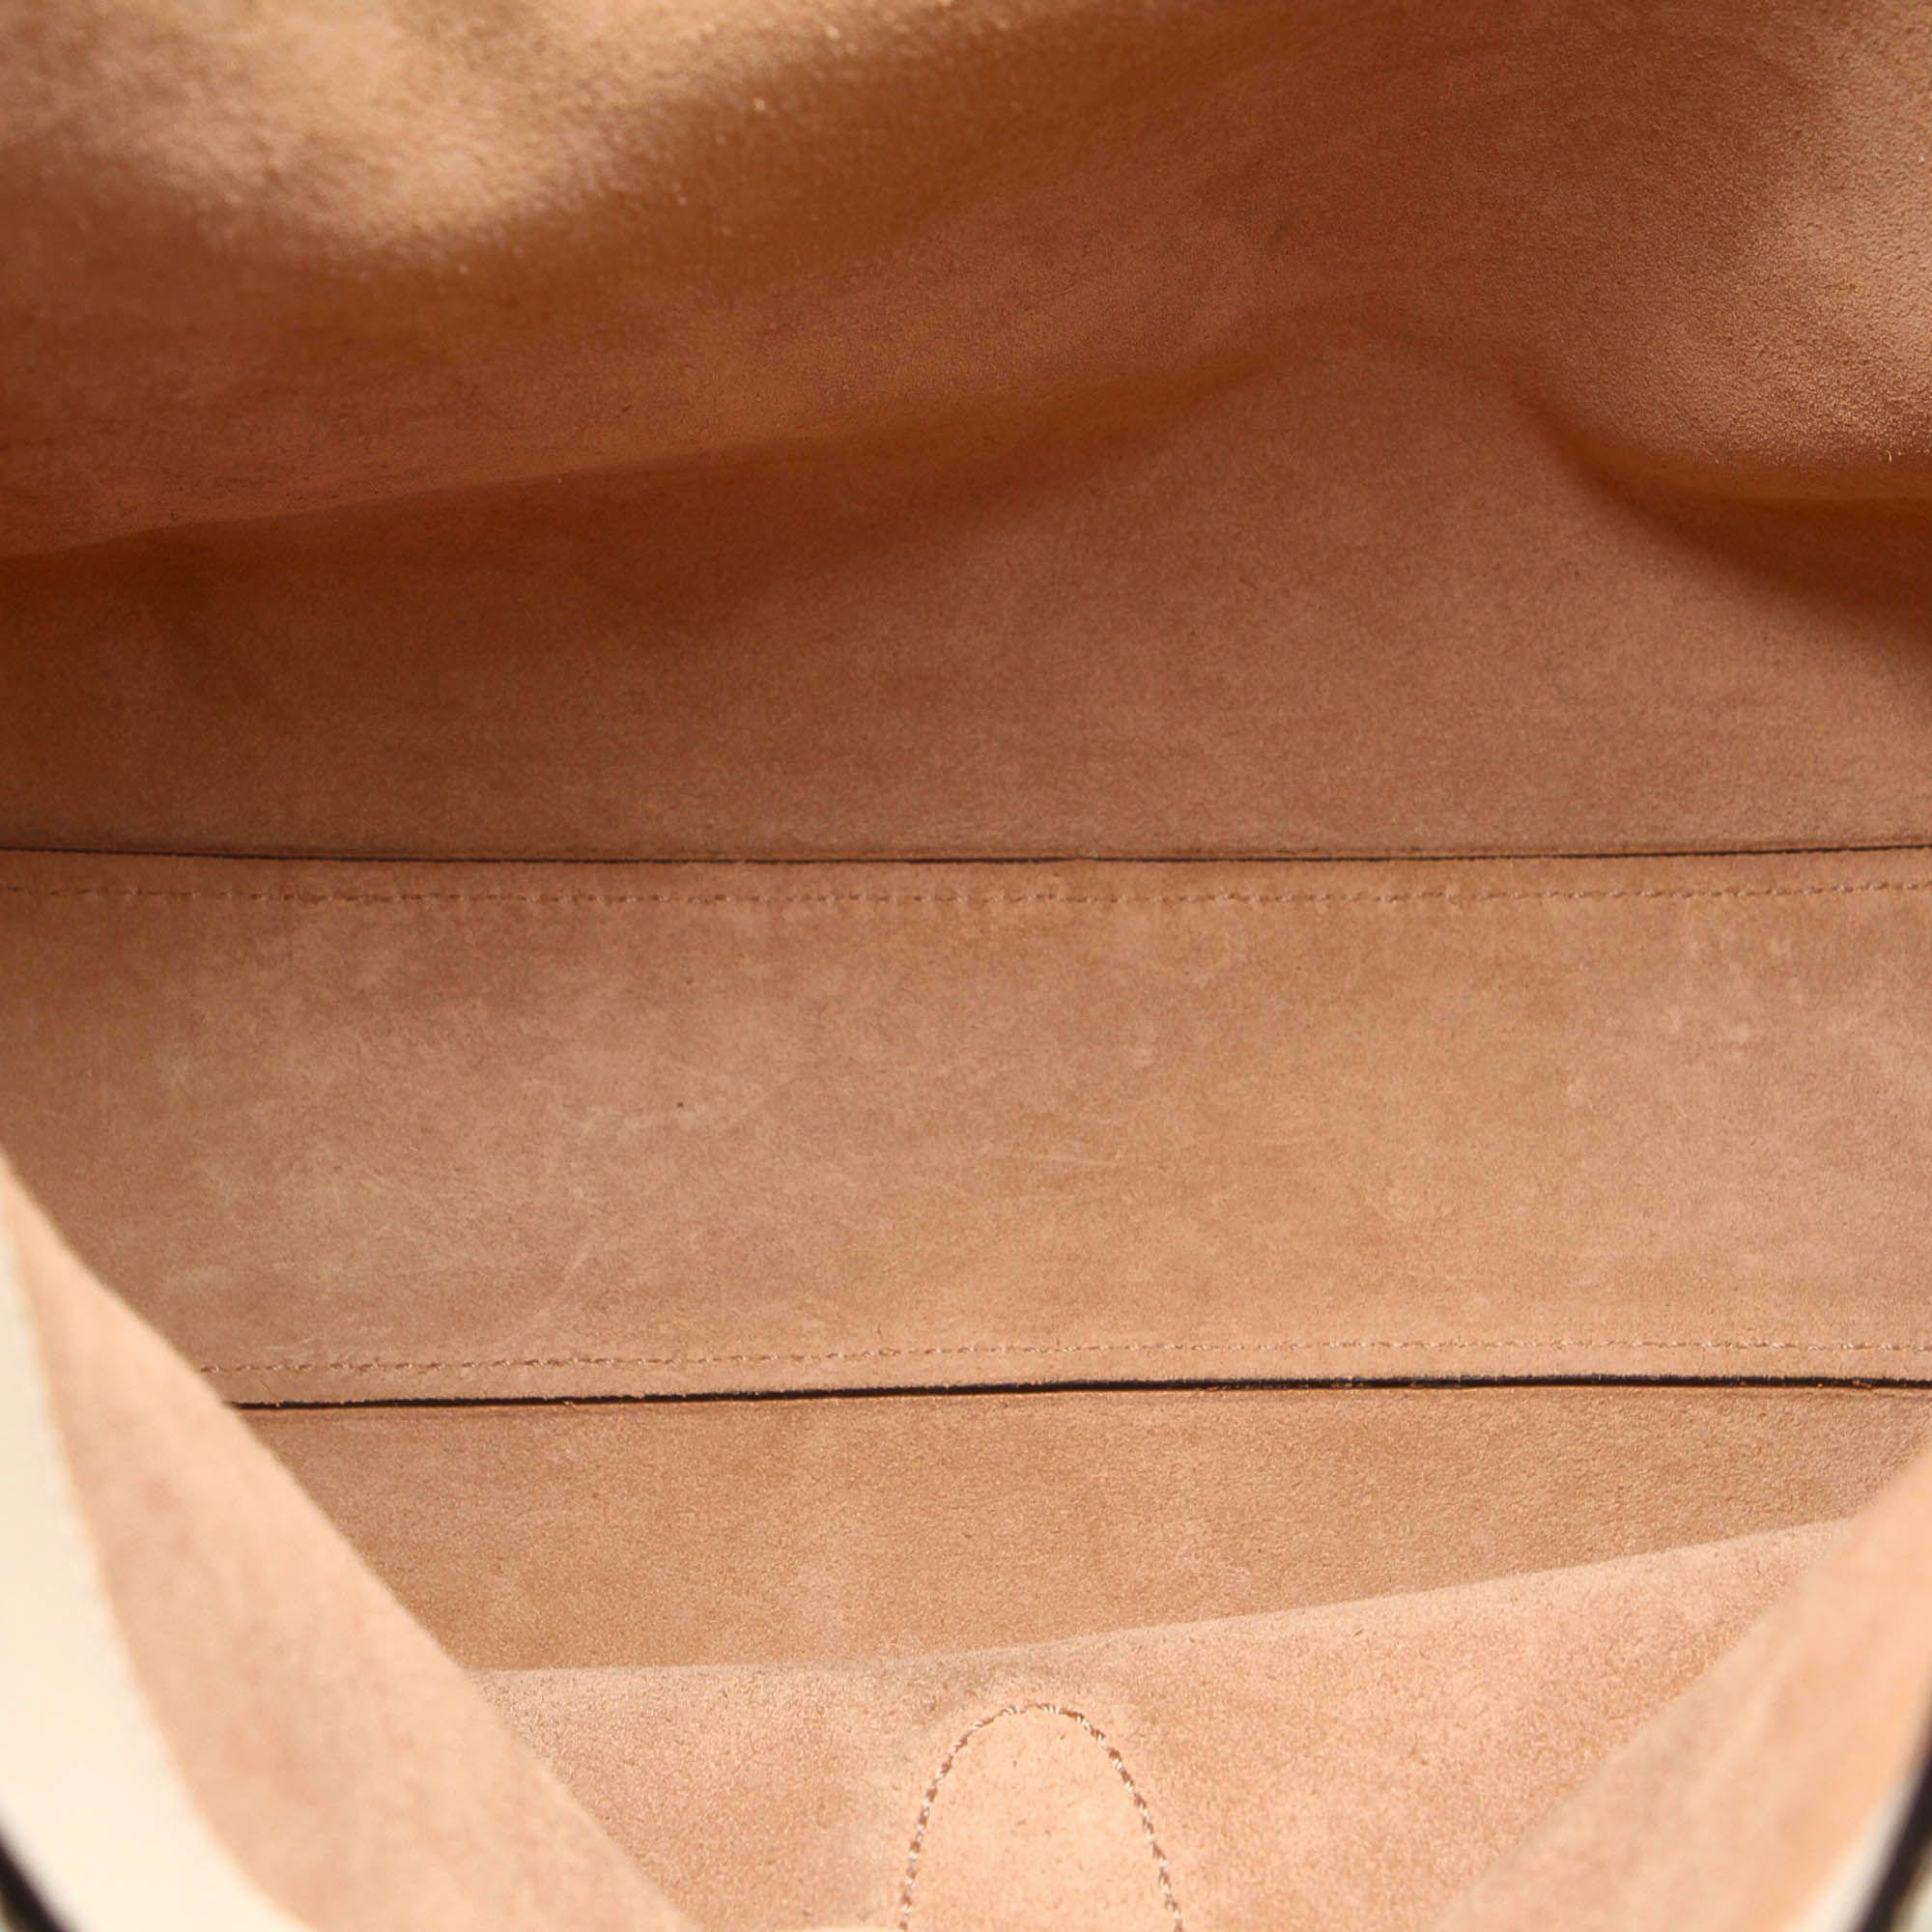 Vintage Gucci Soft Jackie Python Leather Shoulder Bag Brown